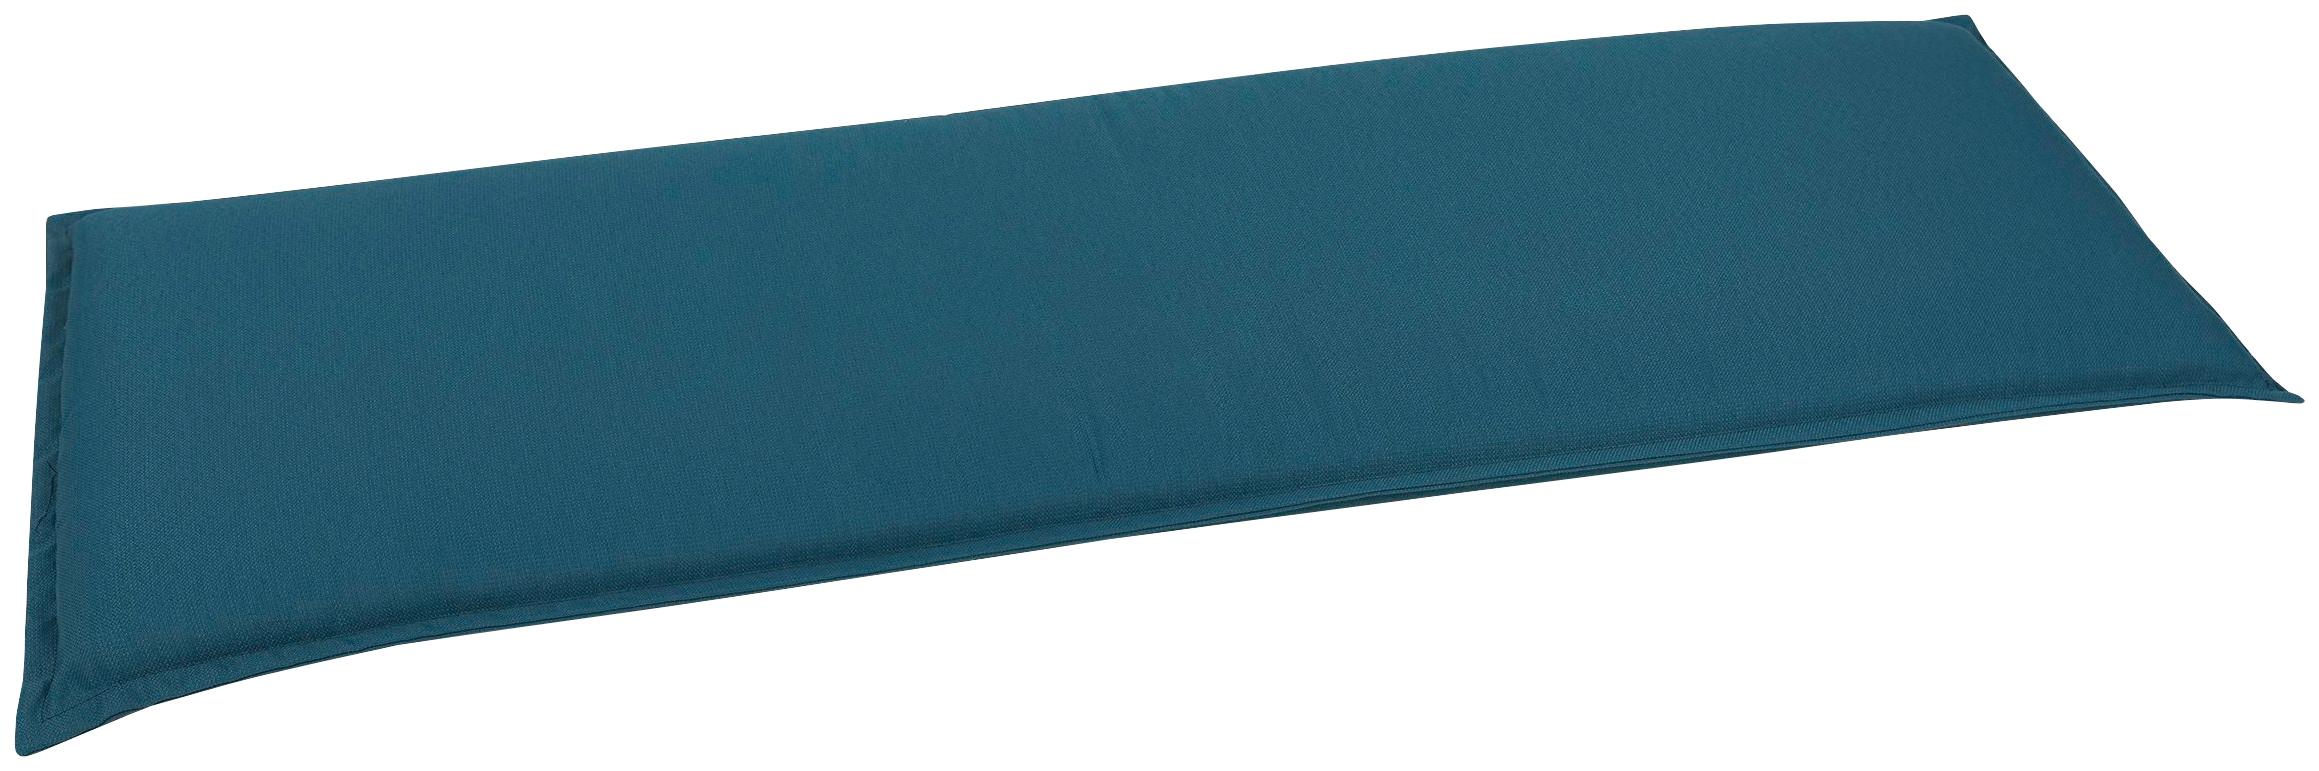 GO-DE Bankauflage, 3 Sitzer blau Bankauflagen Gartenmöbel-Auflagen Gartenmöbel Gartendeko Bankauflage